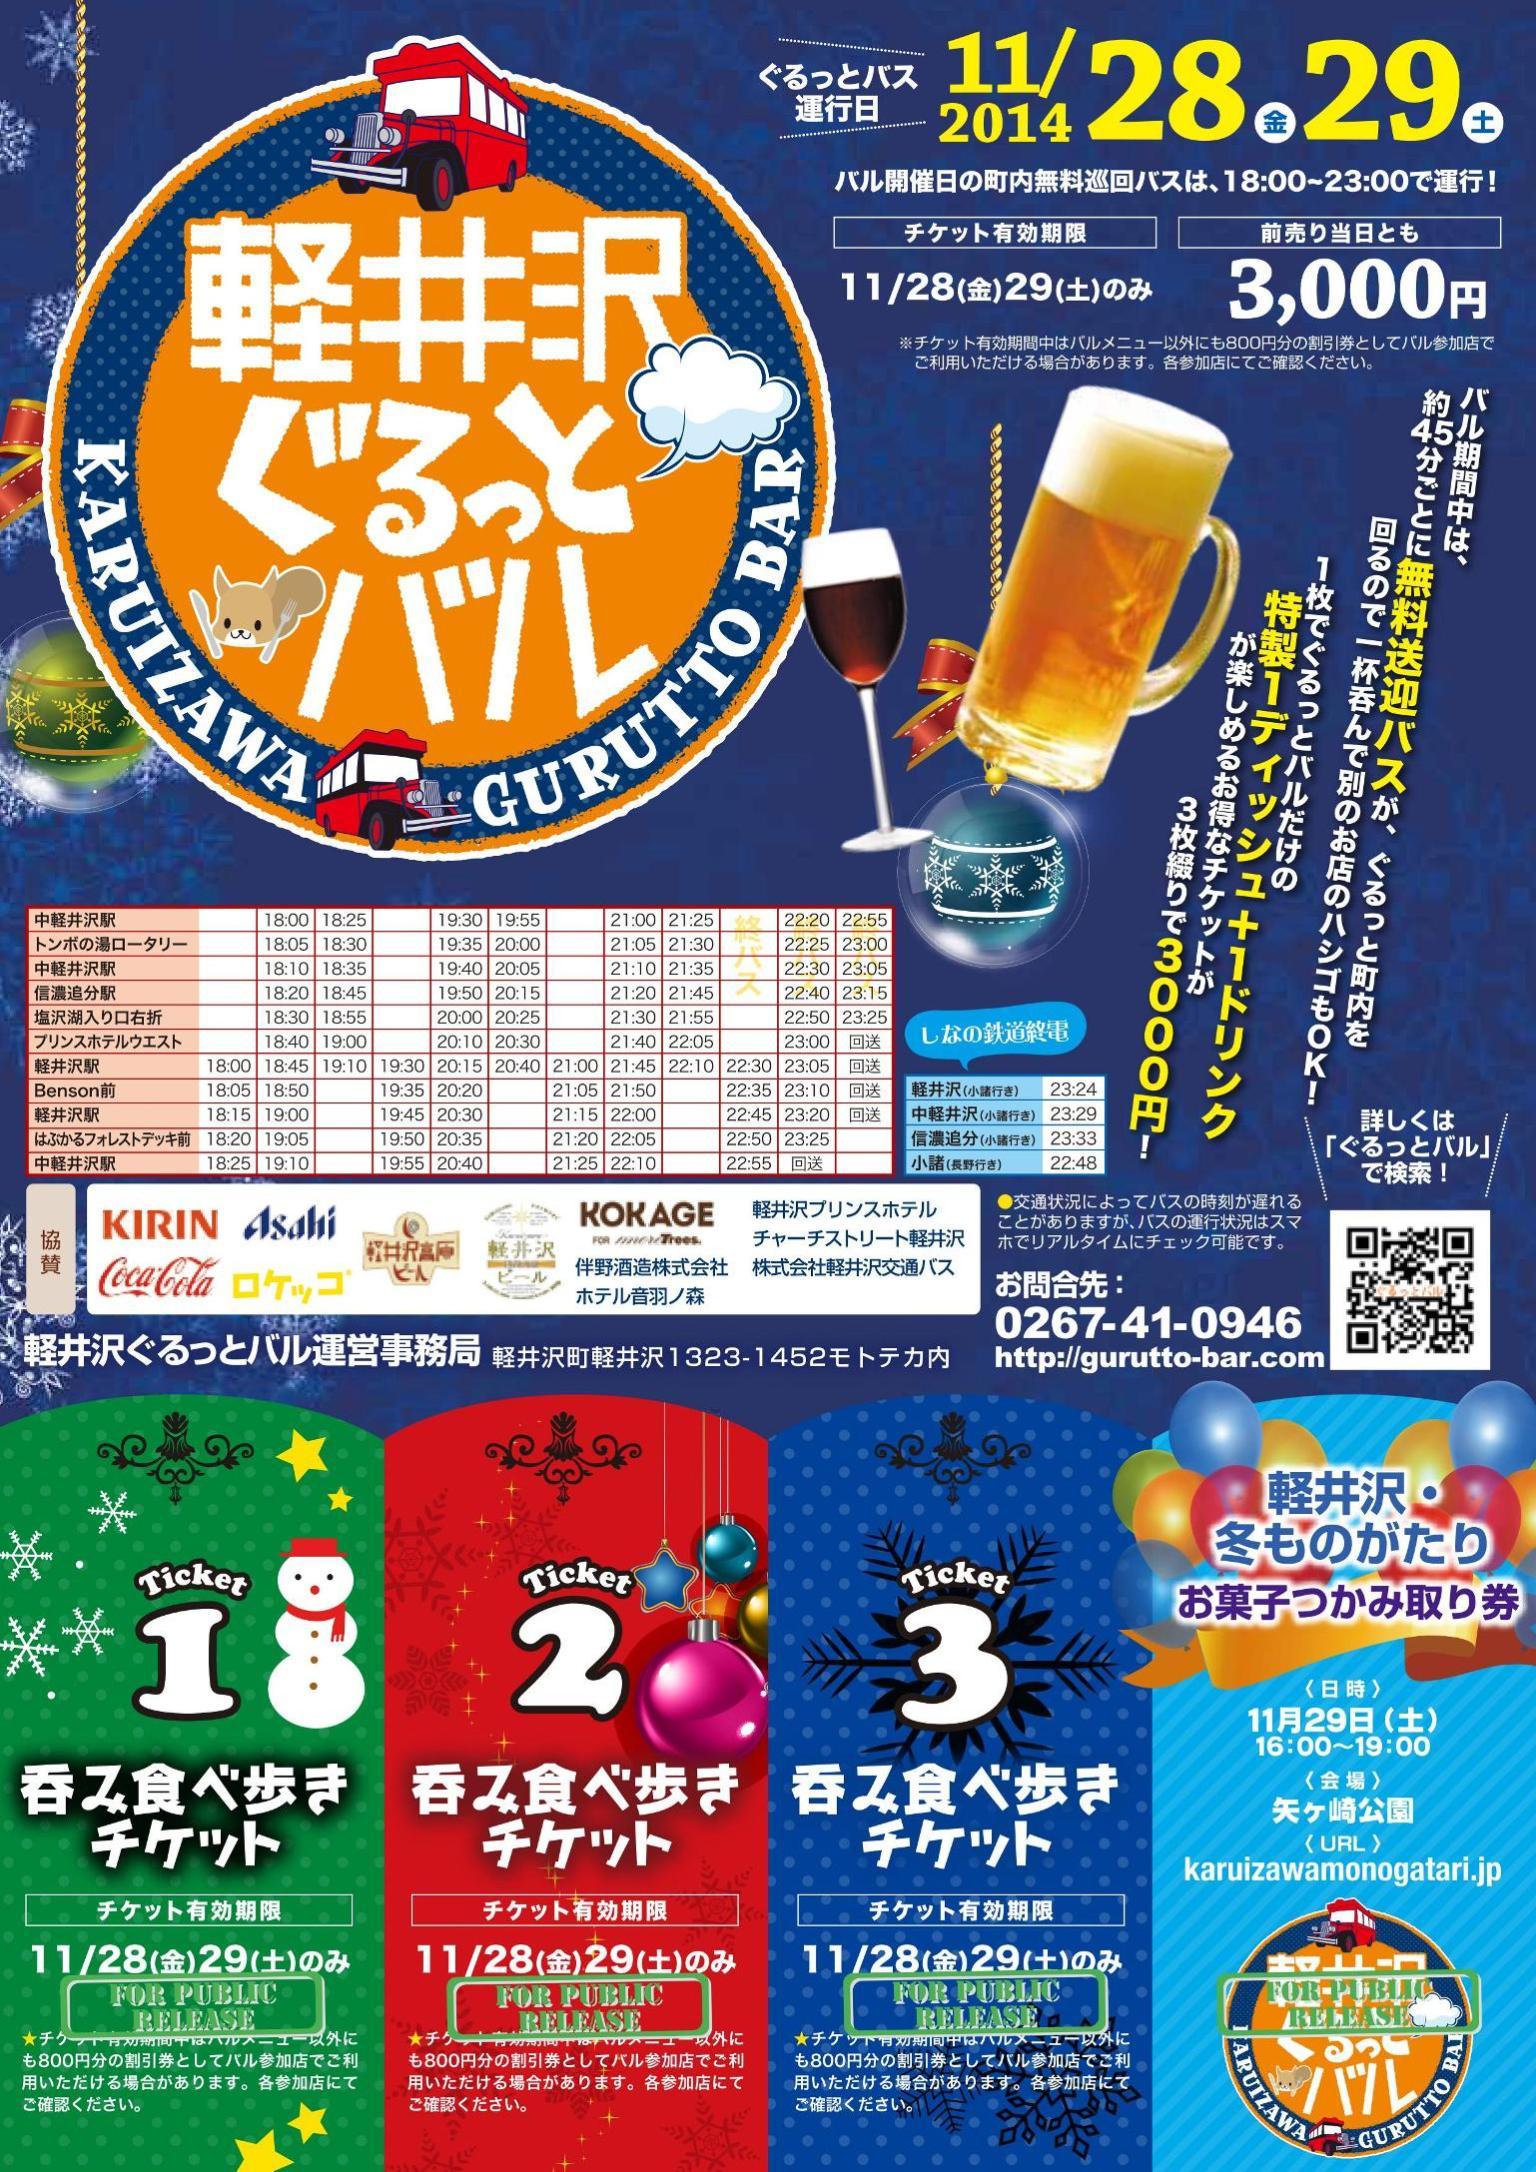 第3回(その2)軽井沢ぐるっとバル・チケット見本